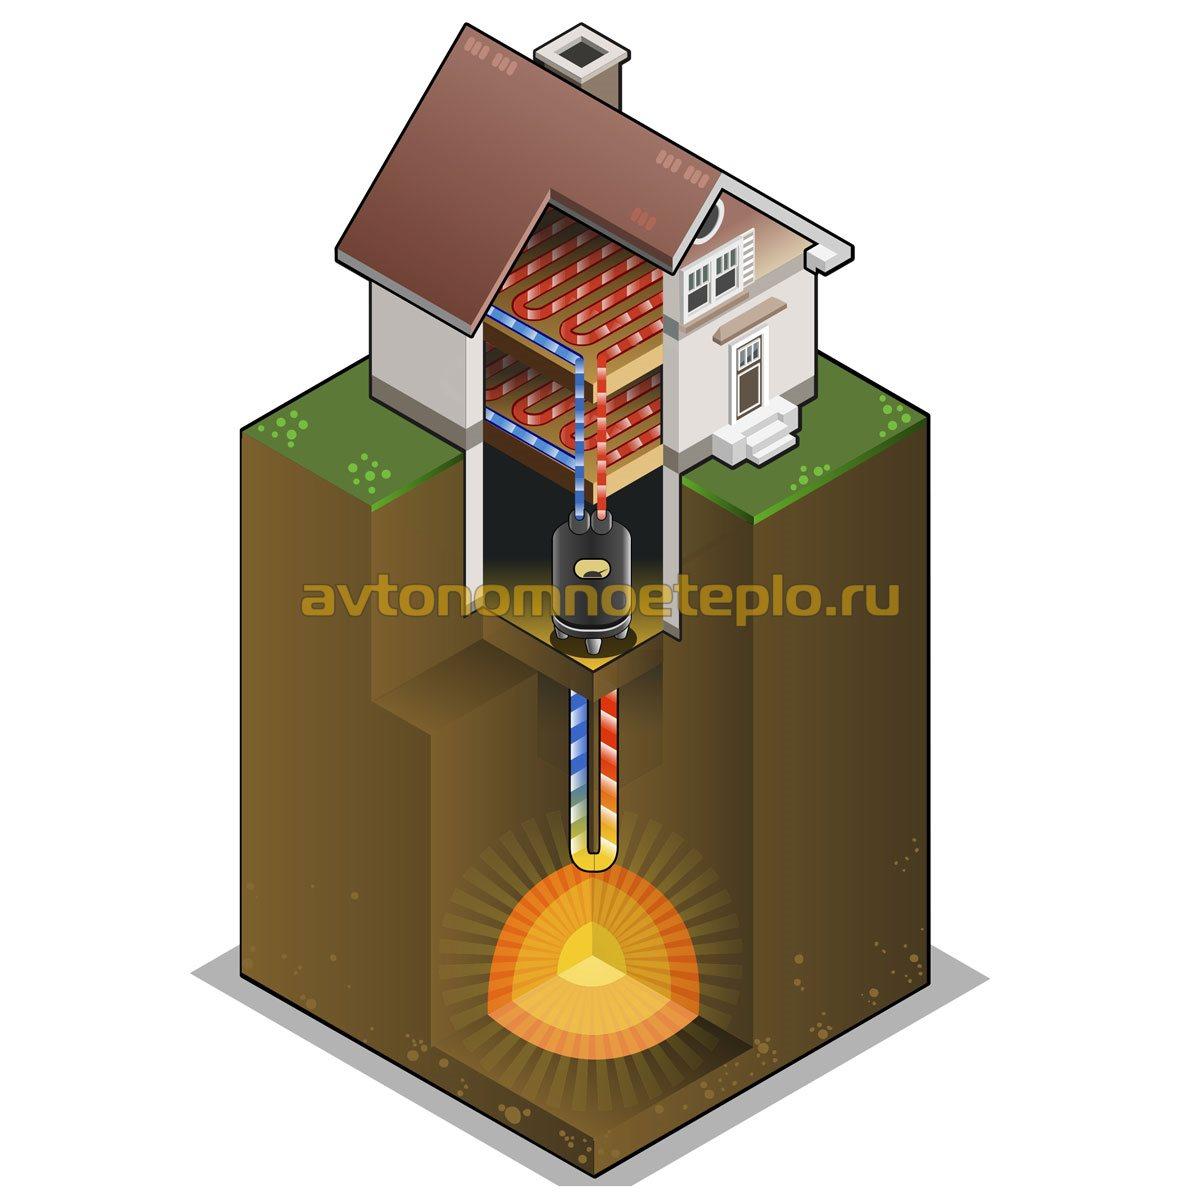 Геотермальная электростанция своими руками 2